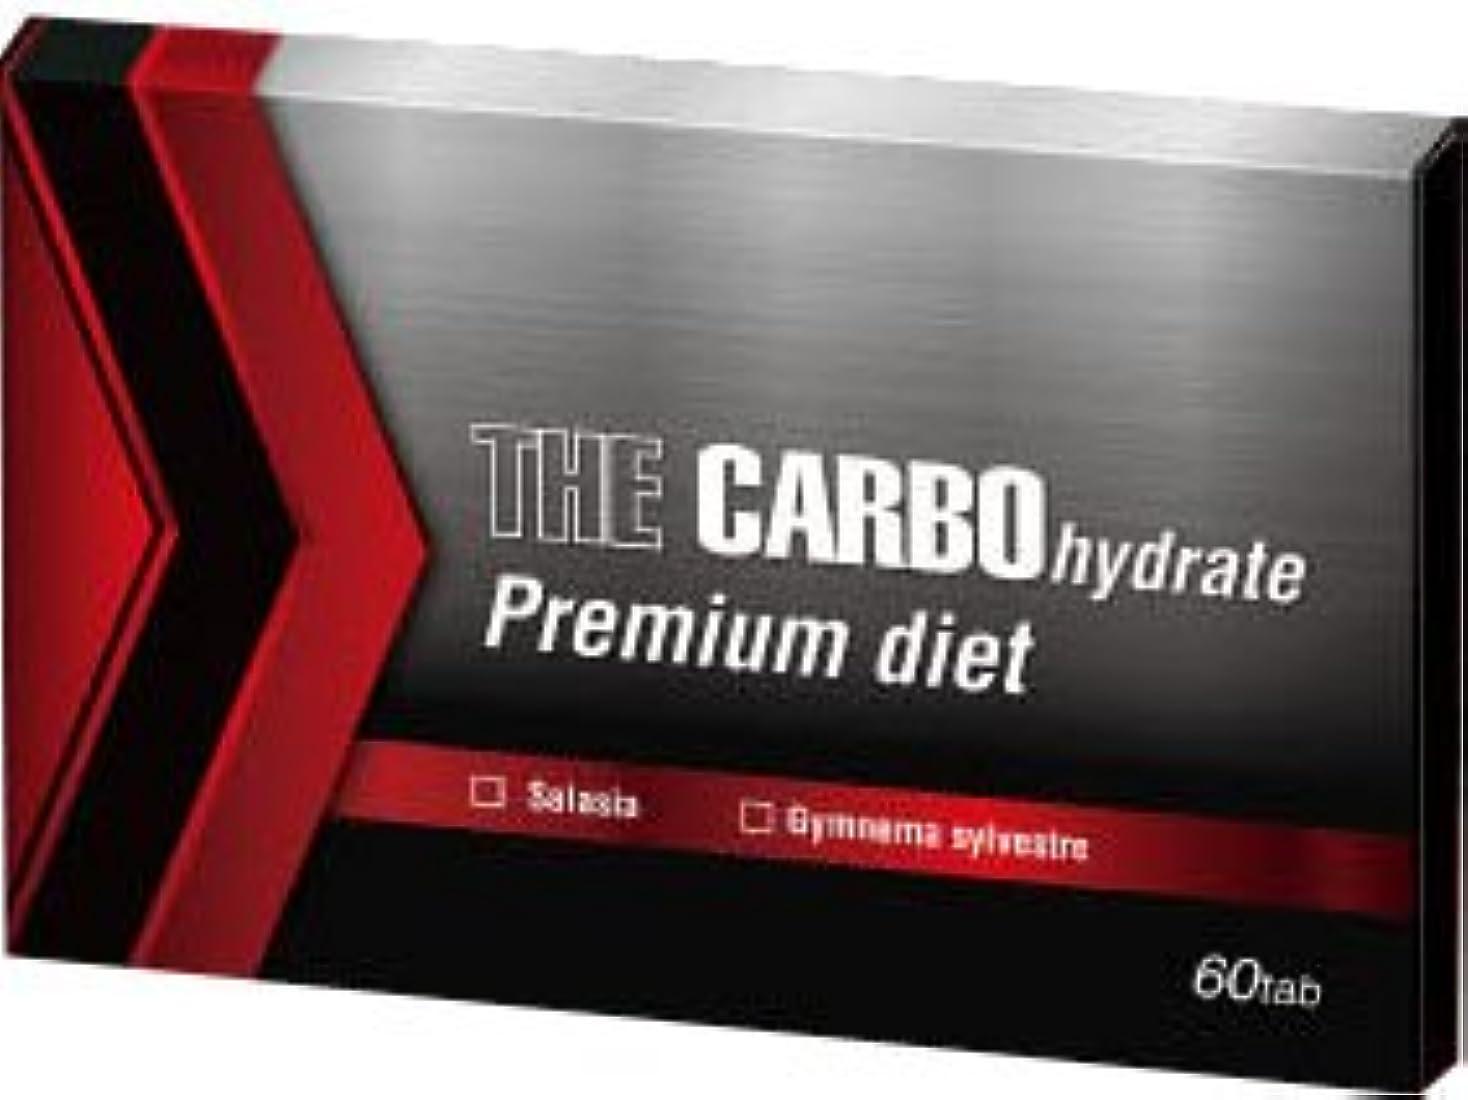 今後どうやらとてもザ?糖質プレミアムダイエット60Tab〔THE CARBO hydrate Premium daiet〕